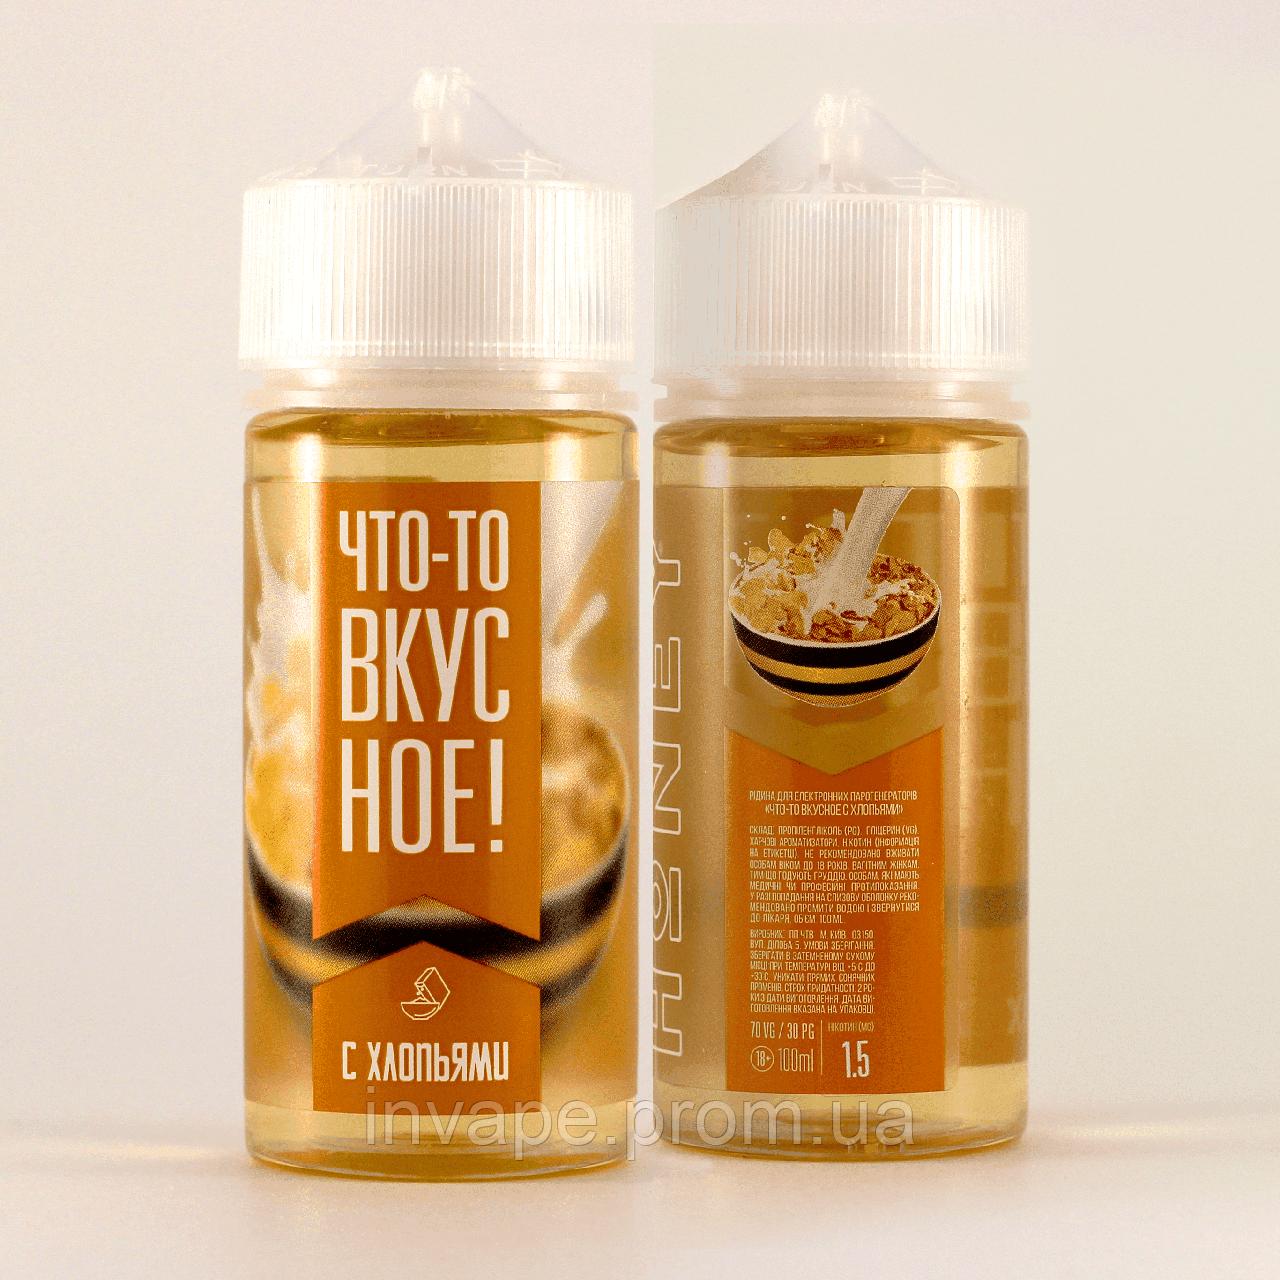 Жидкость для электронных сигарет Что-то вкусное с хлопьями 100мл, 1.5 мг